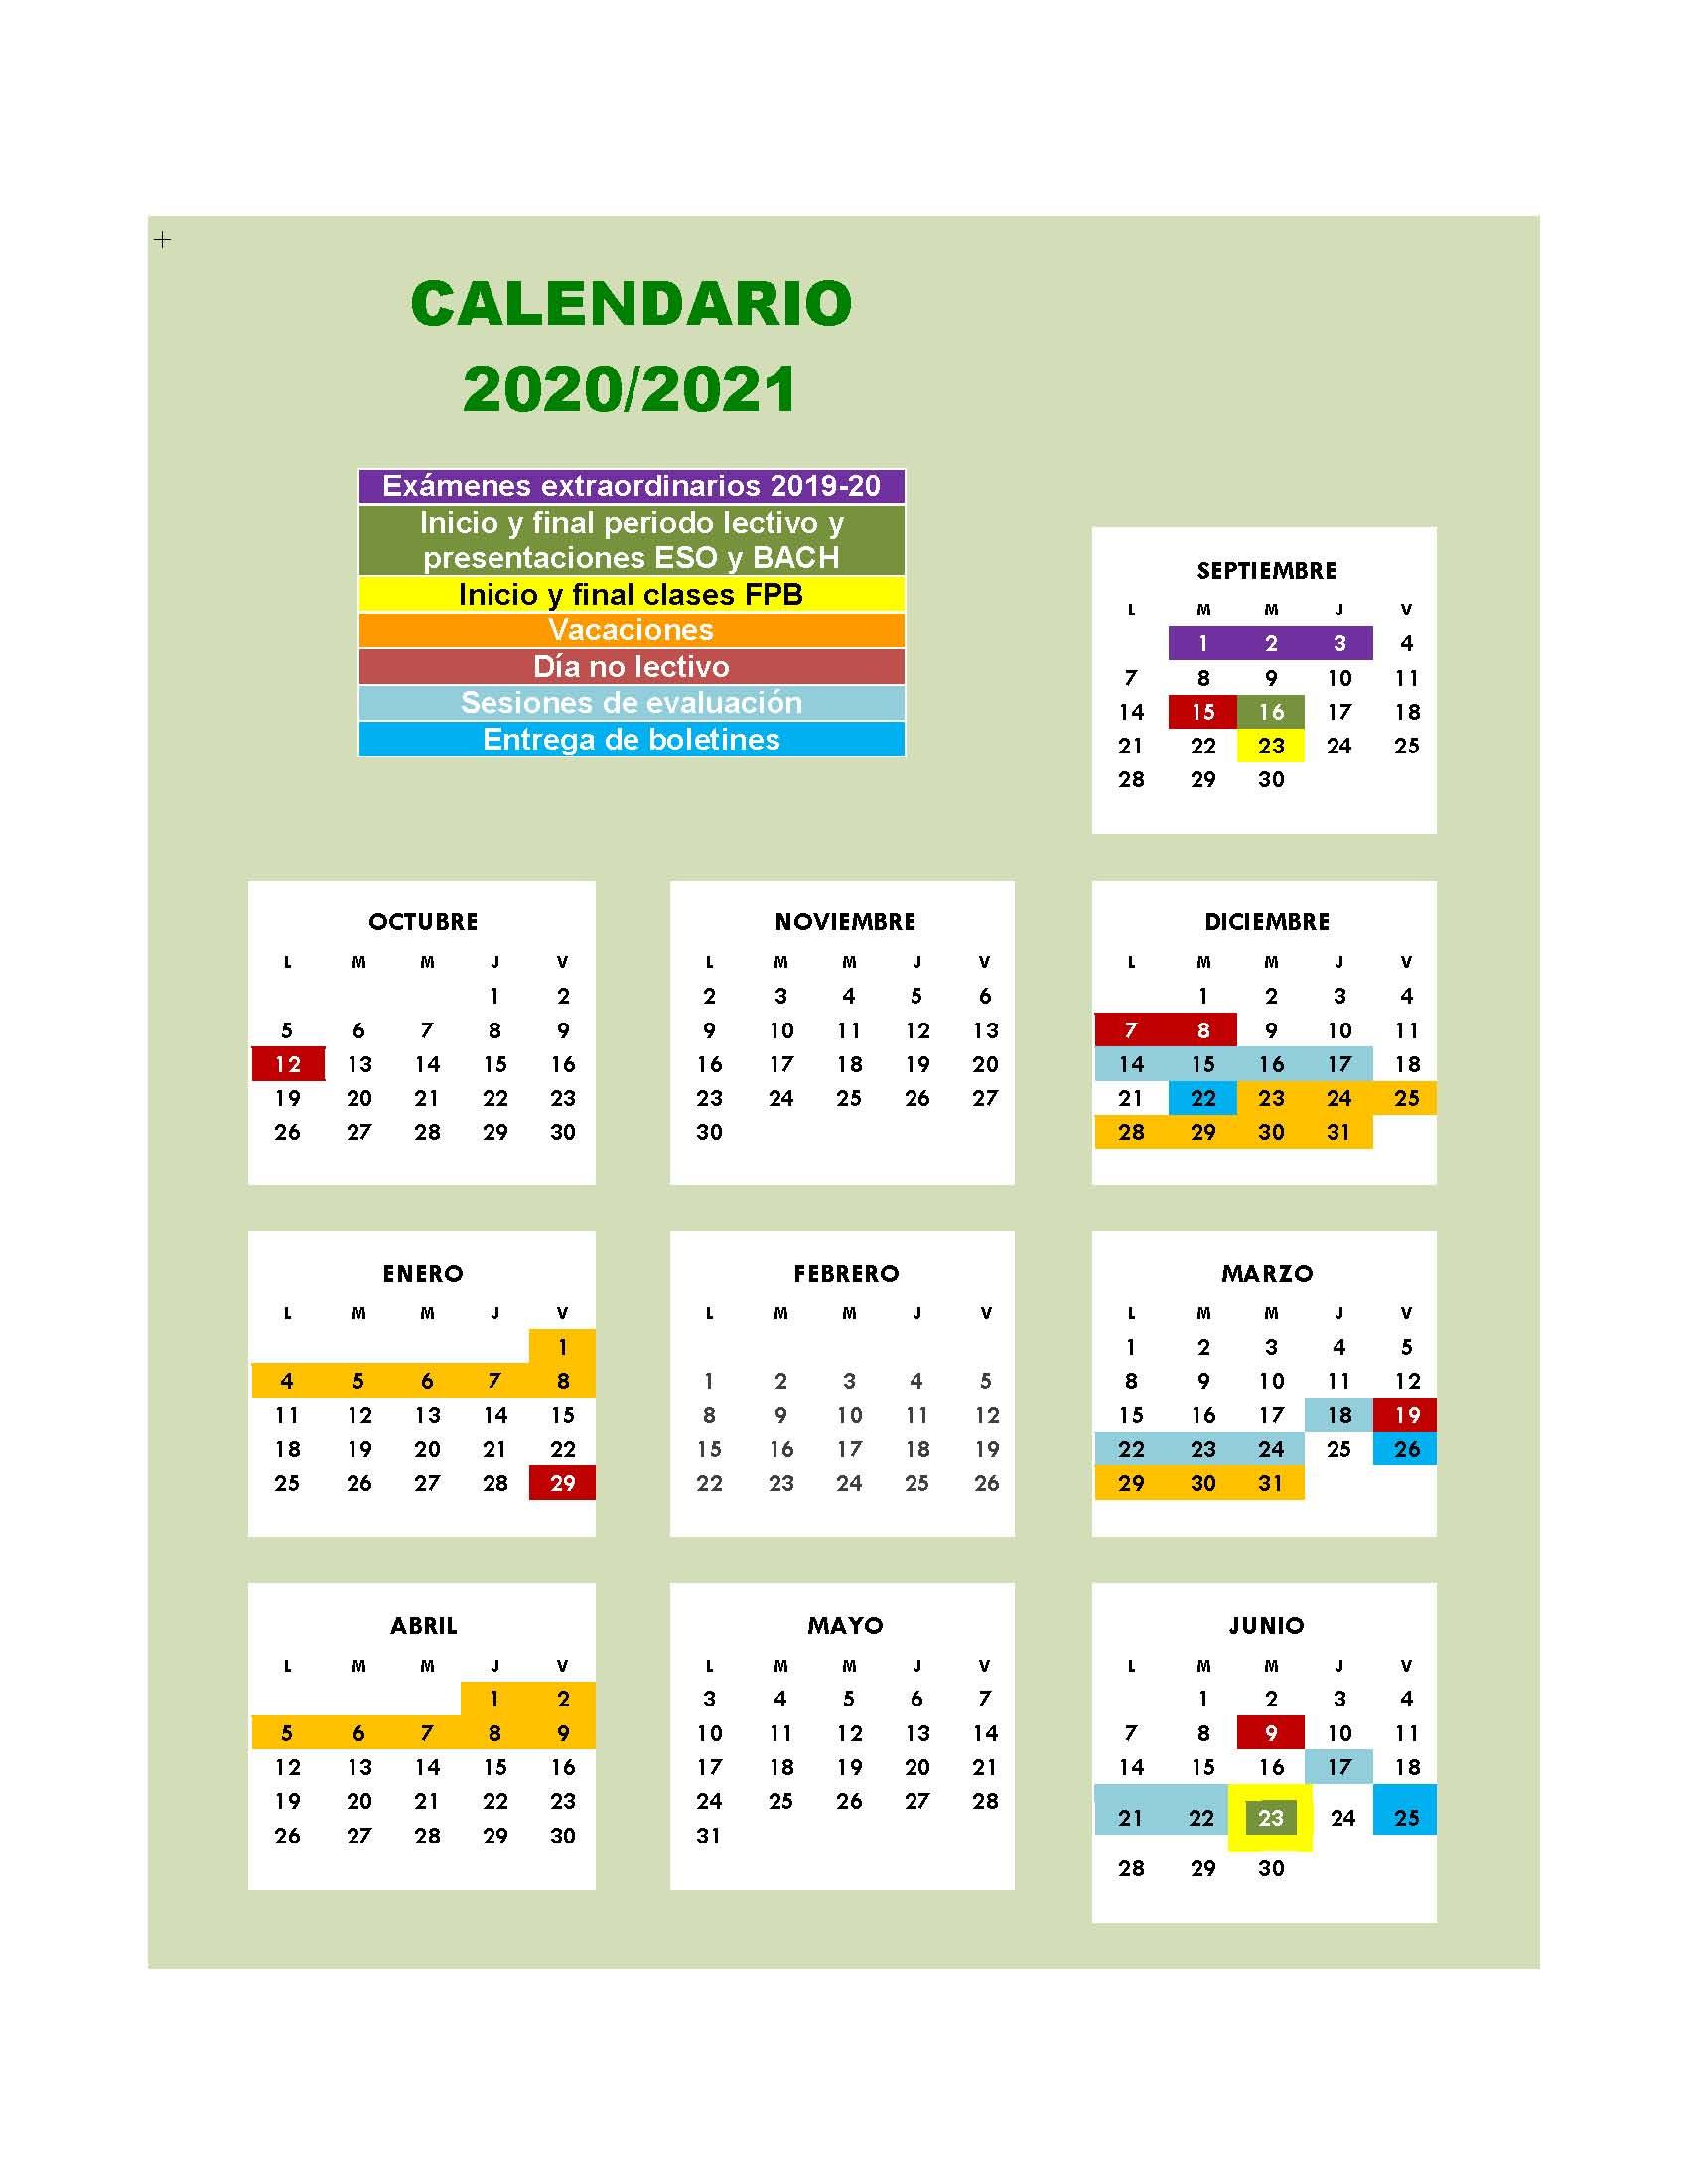 calendario-2020-2021